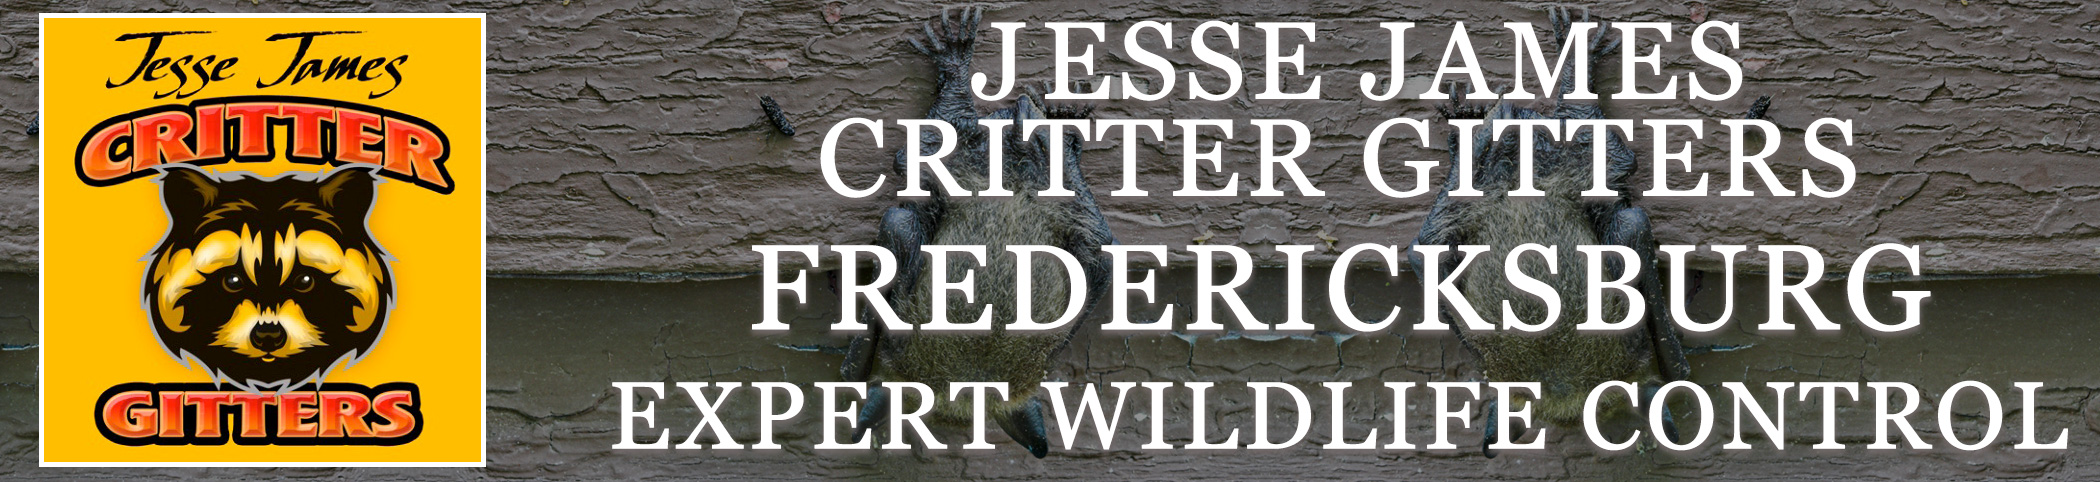 Critter Gitters header FREDERICKSBURG virginia